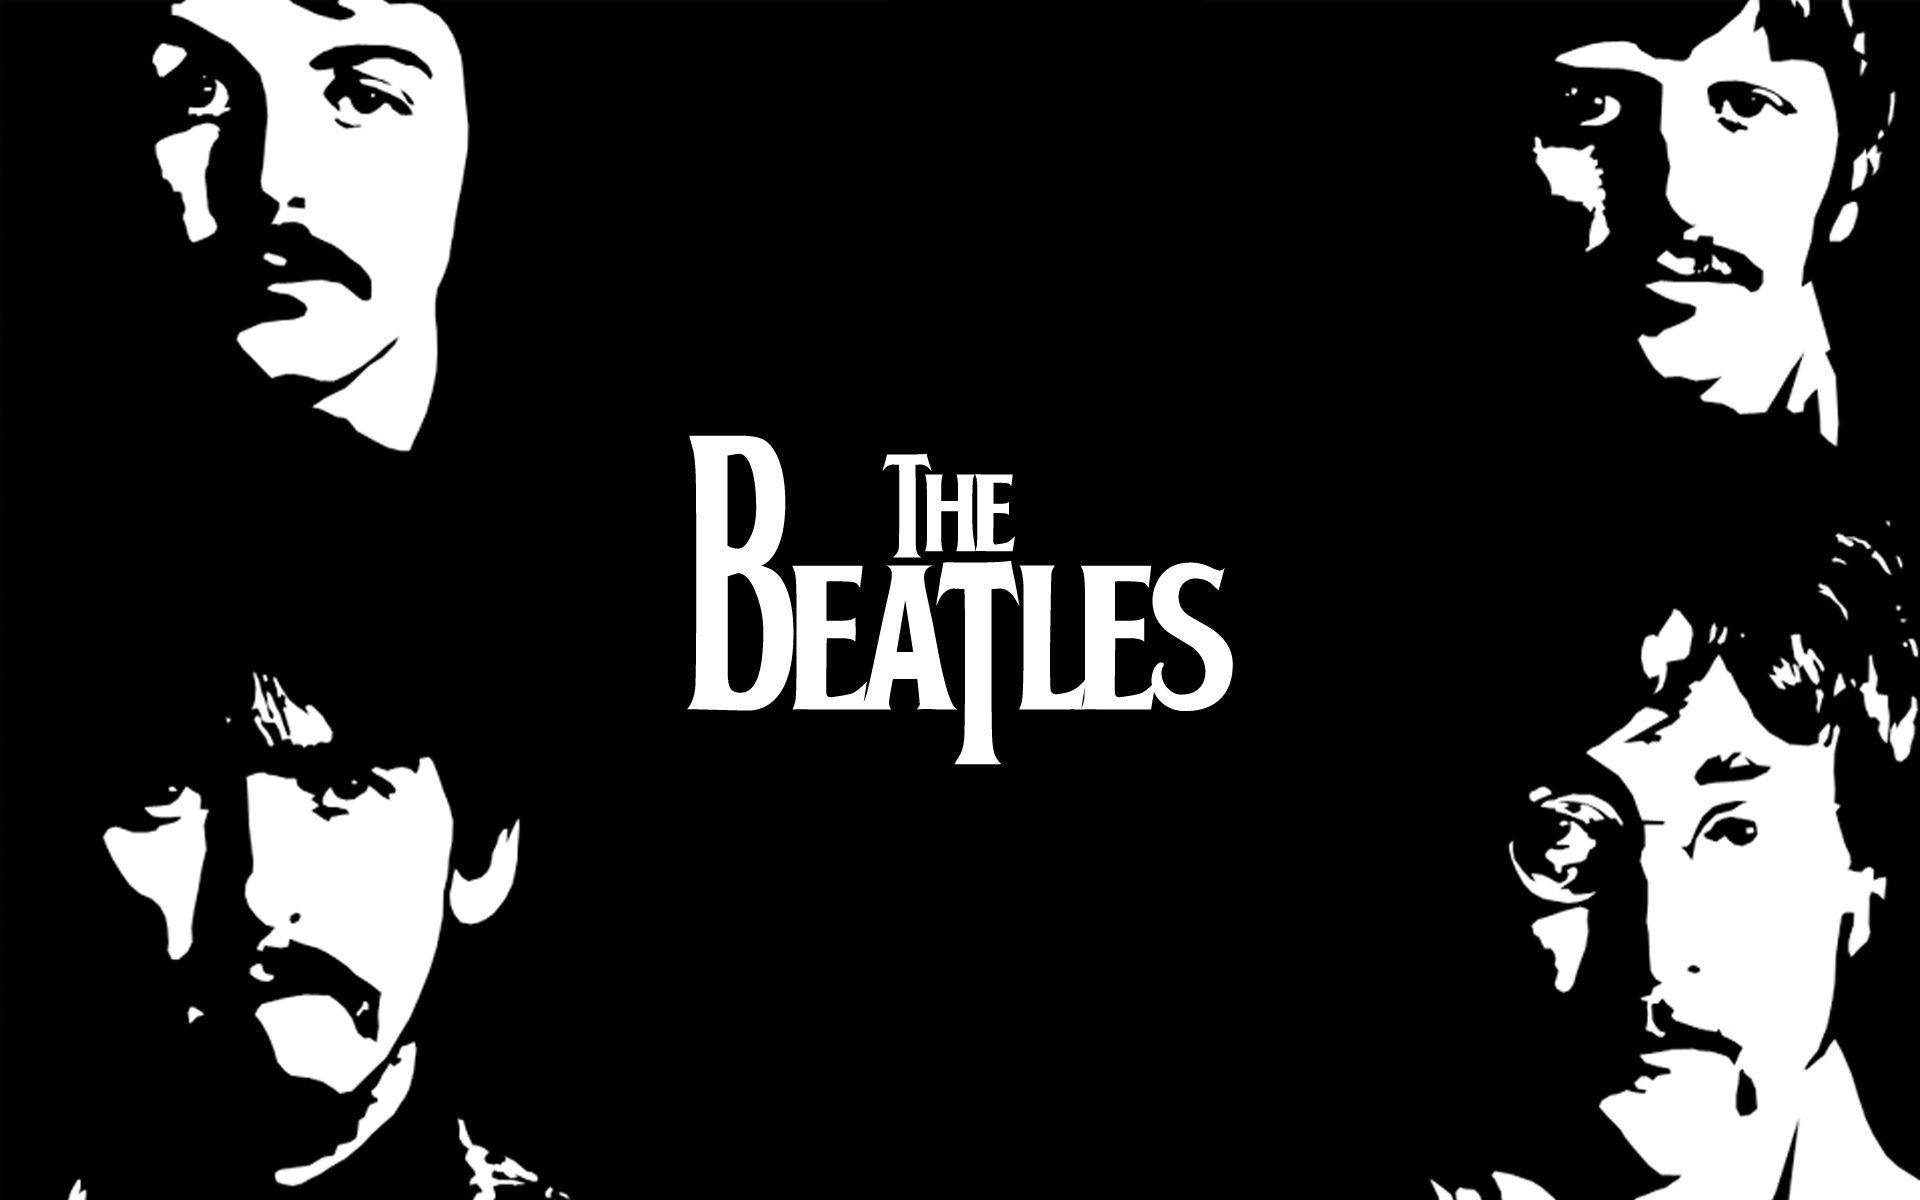 Popular Wallpaper Mac The Beatles - 952d58c5b64bf0dc0a03a21dca9d937b  Picture_474644.jpg